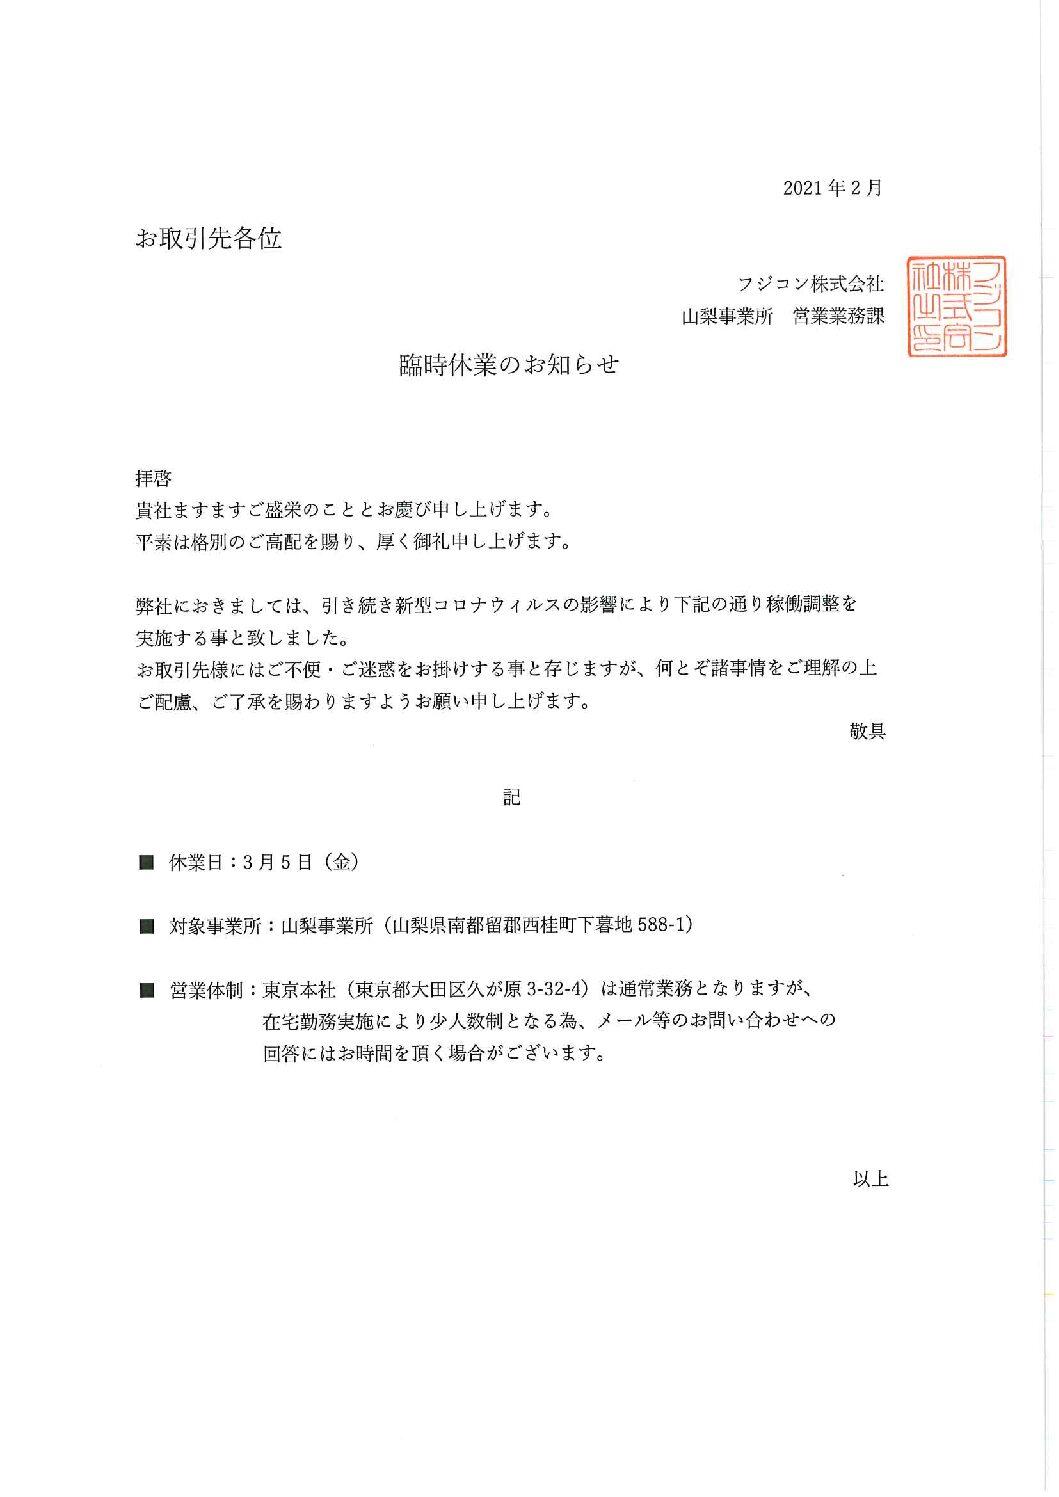 【2021年3月5日(金) 山梨事業所臨時休業のお知らせ】